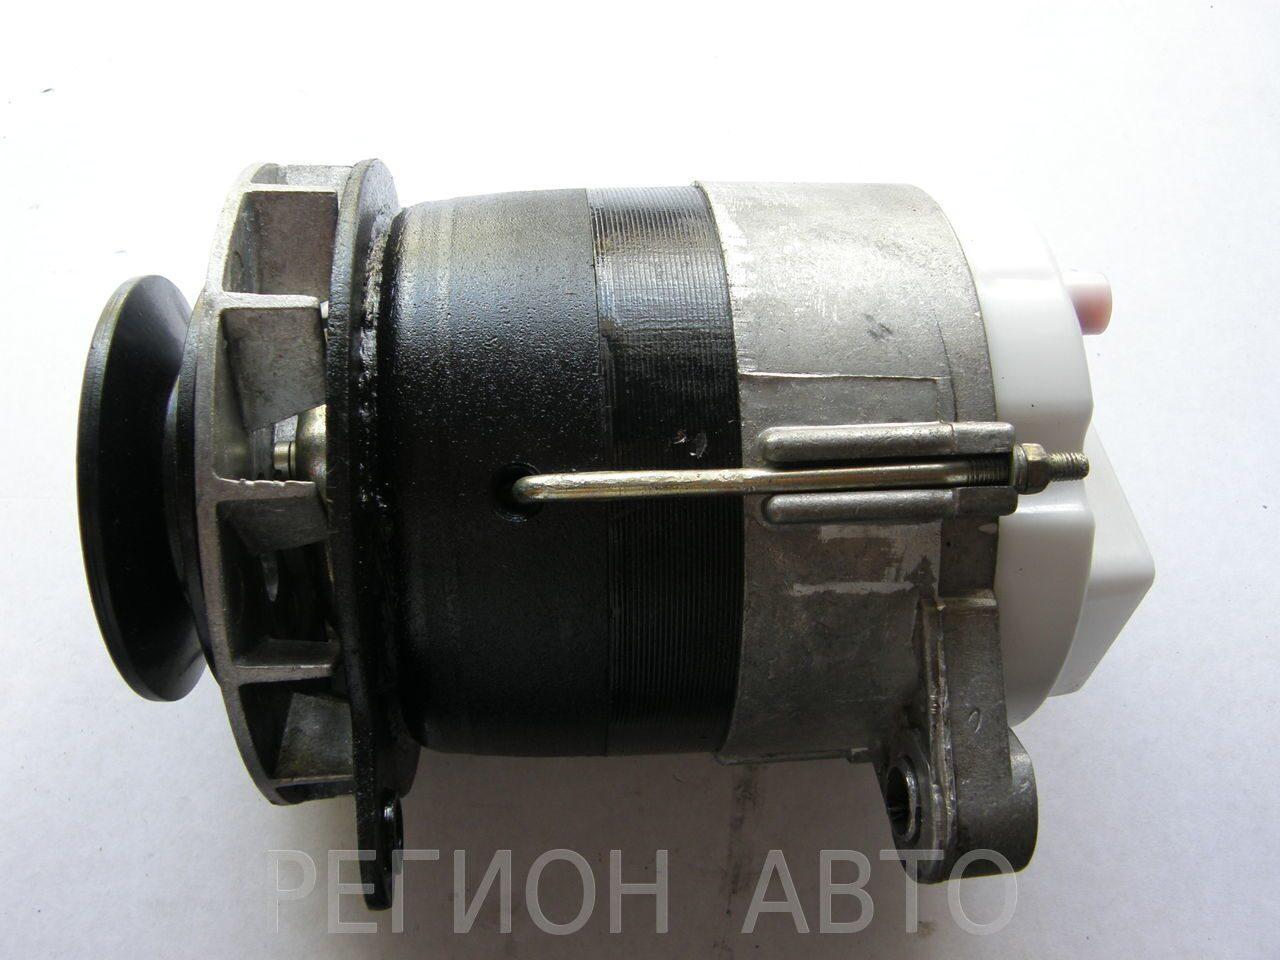 Генератор МТЗ-80 14В 1000w. Маркировка Г 1000.04.1